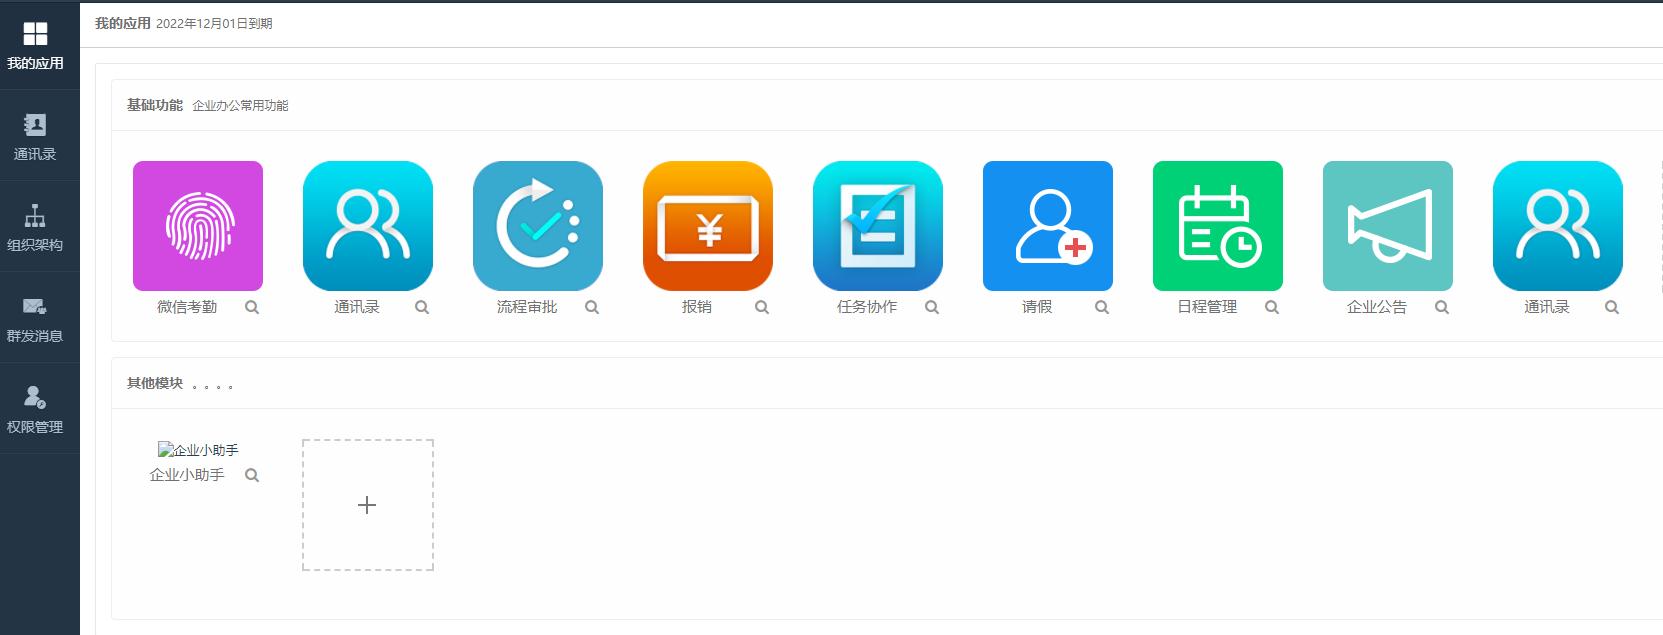 【免费下载】微信企业OA系统,微信移动OA办公,含CRM+进销存等-菜鸟源码资源站